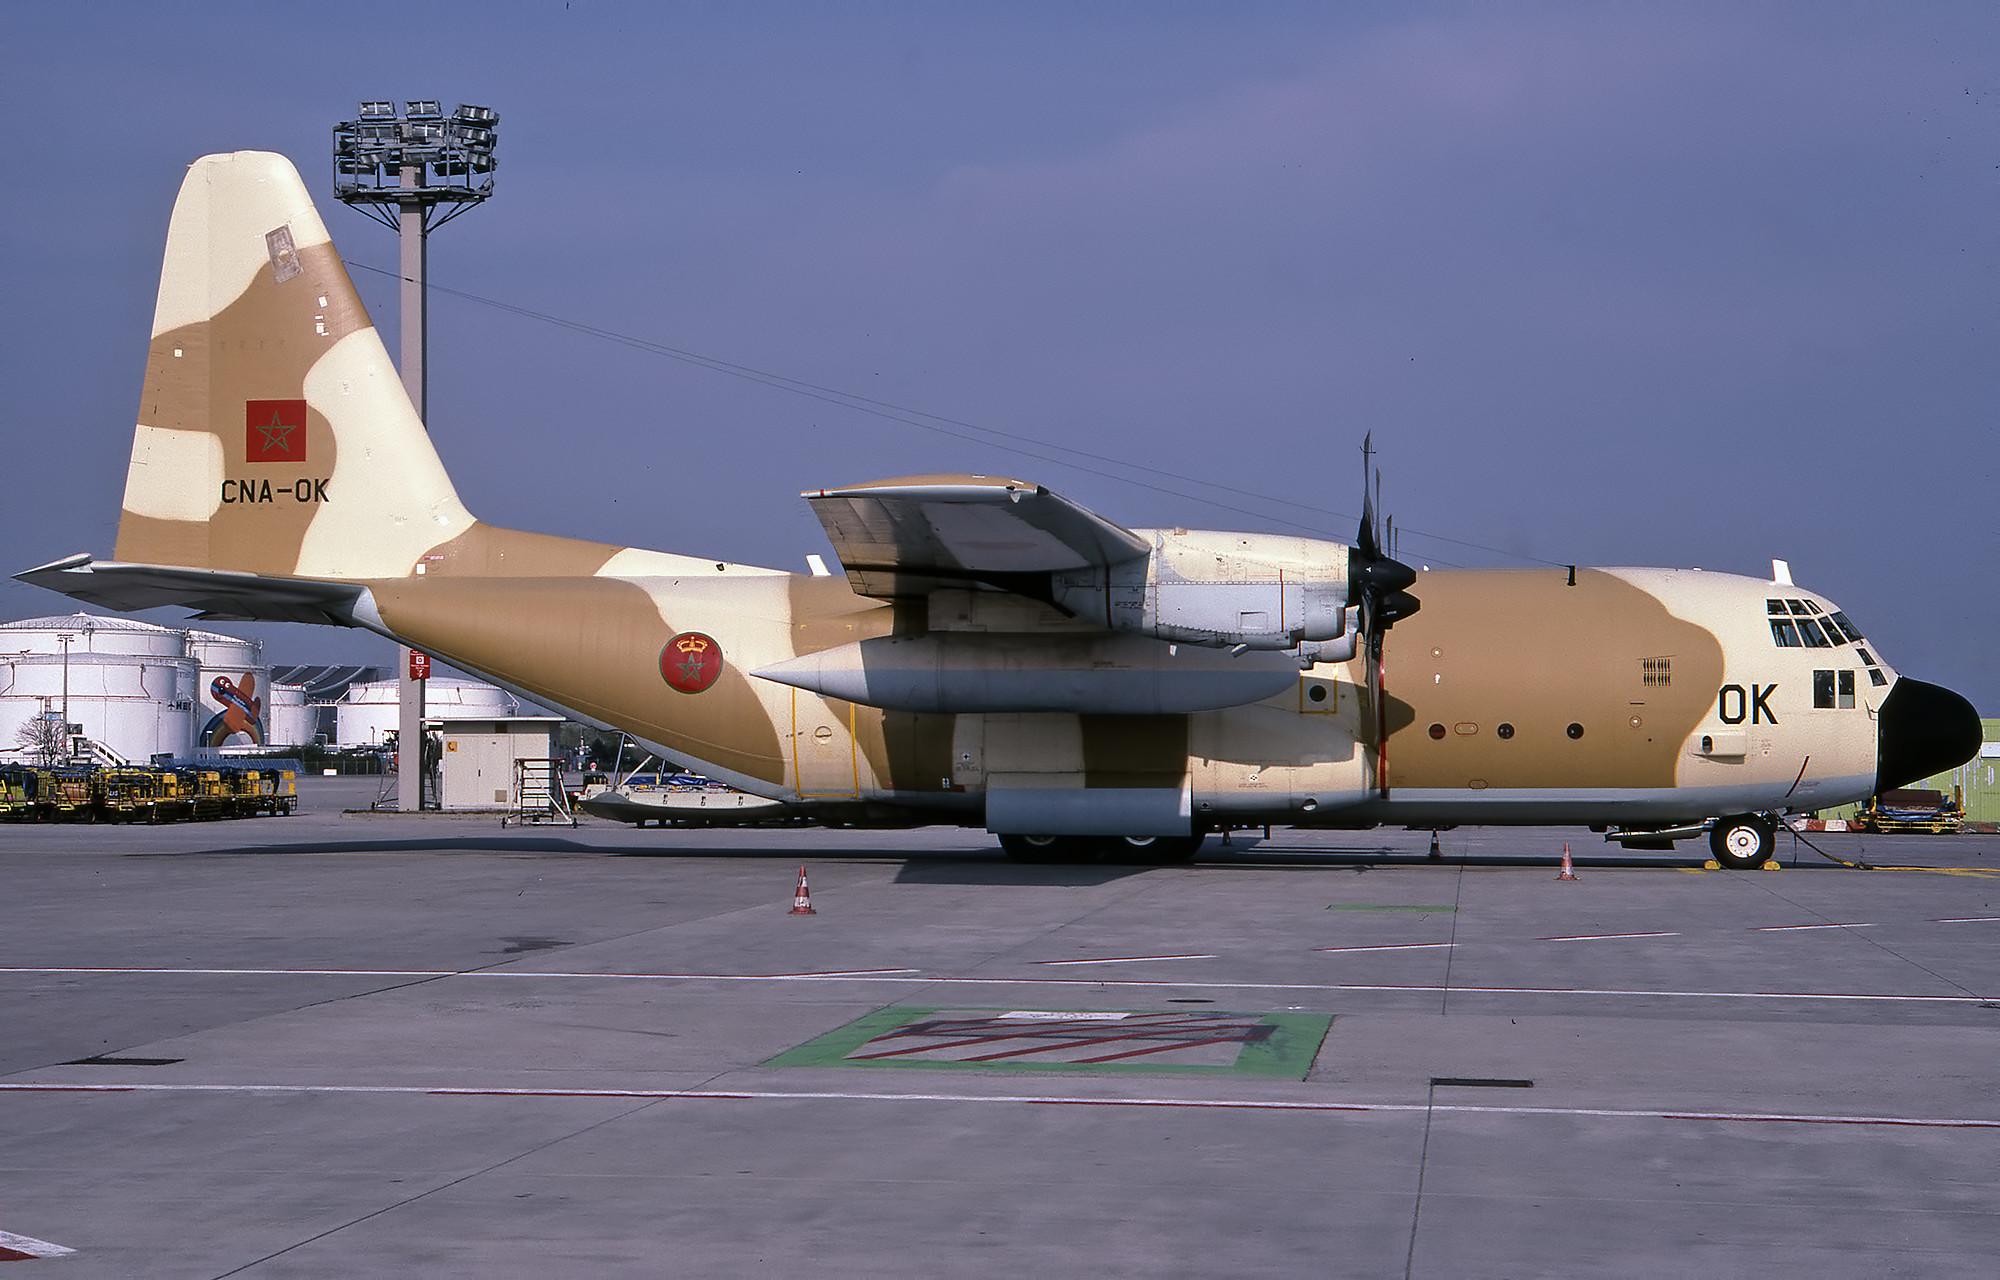 FRA: Photos d'avions de transport - Page 38 48865995682_987c0098d0_k